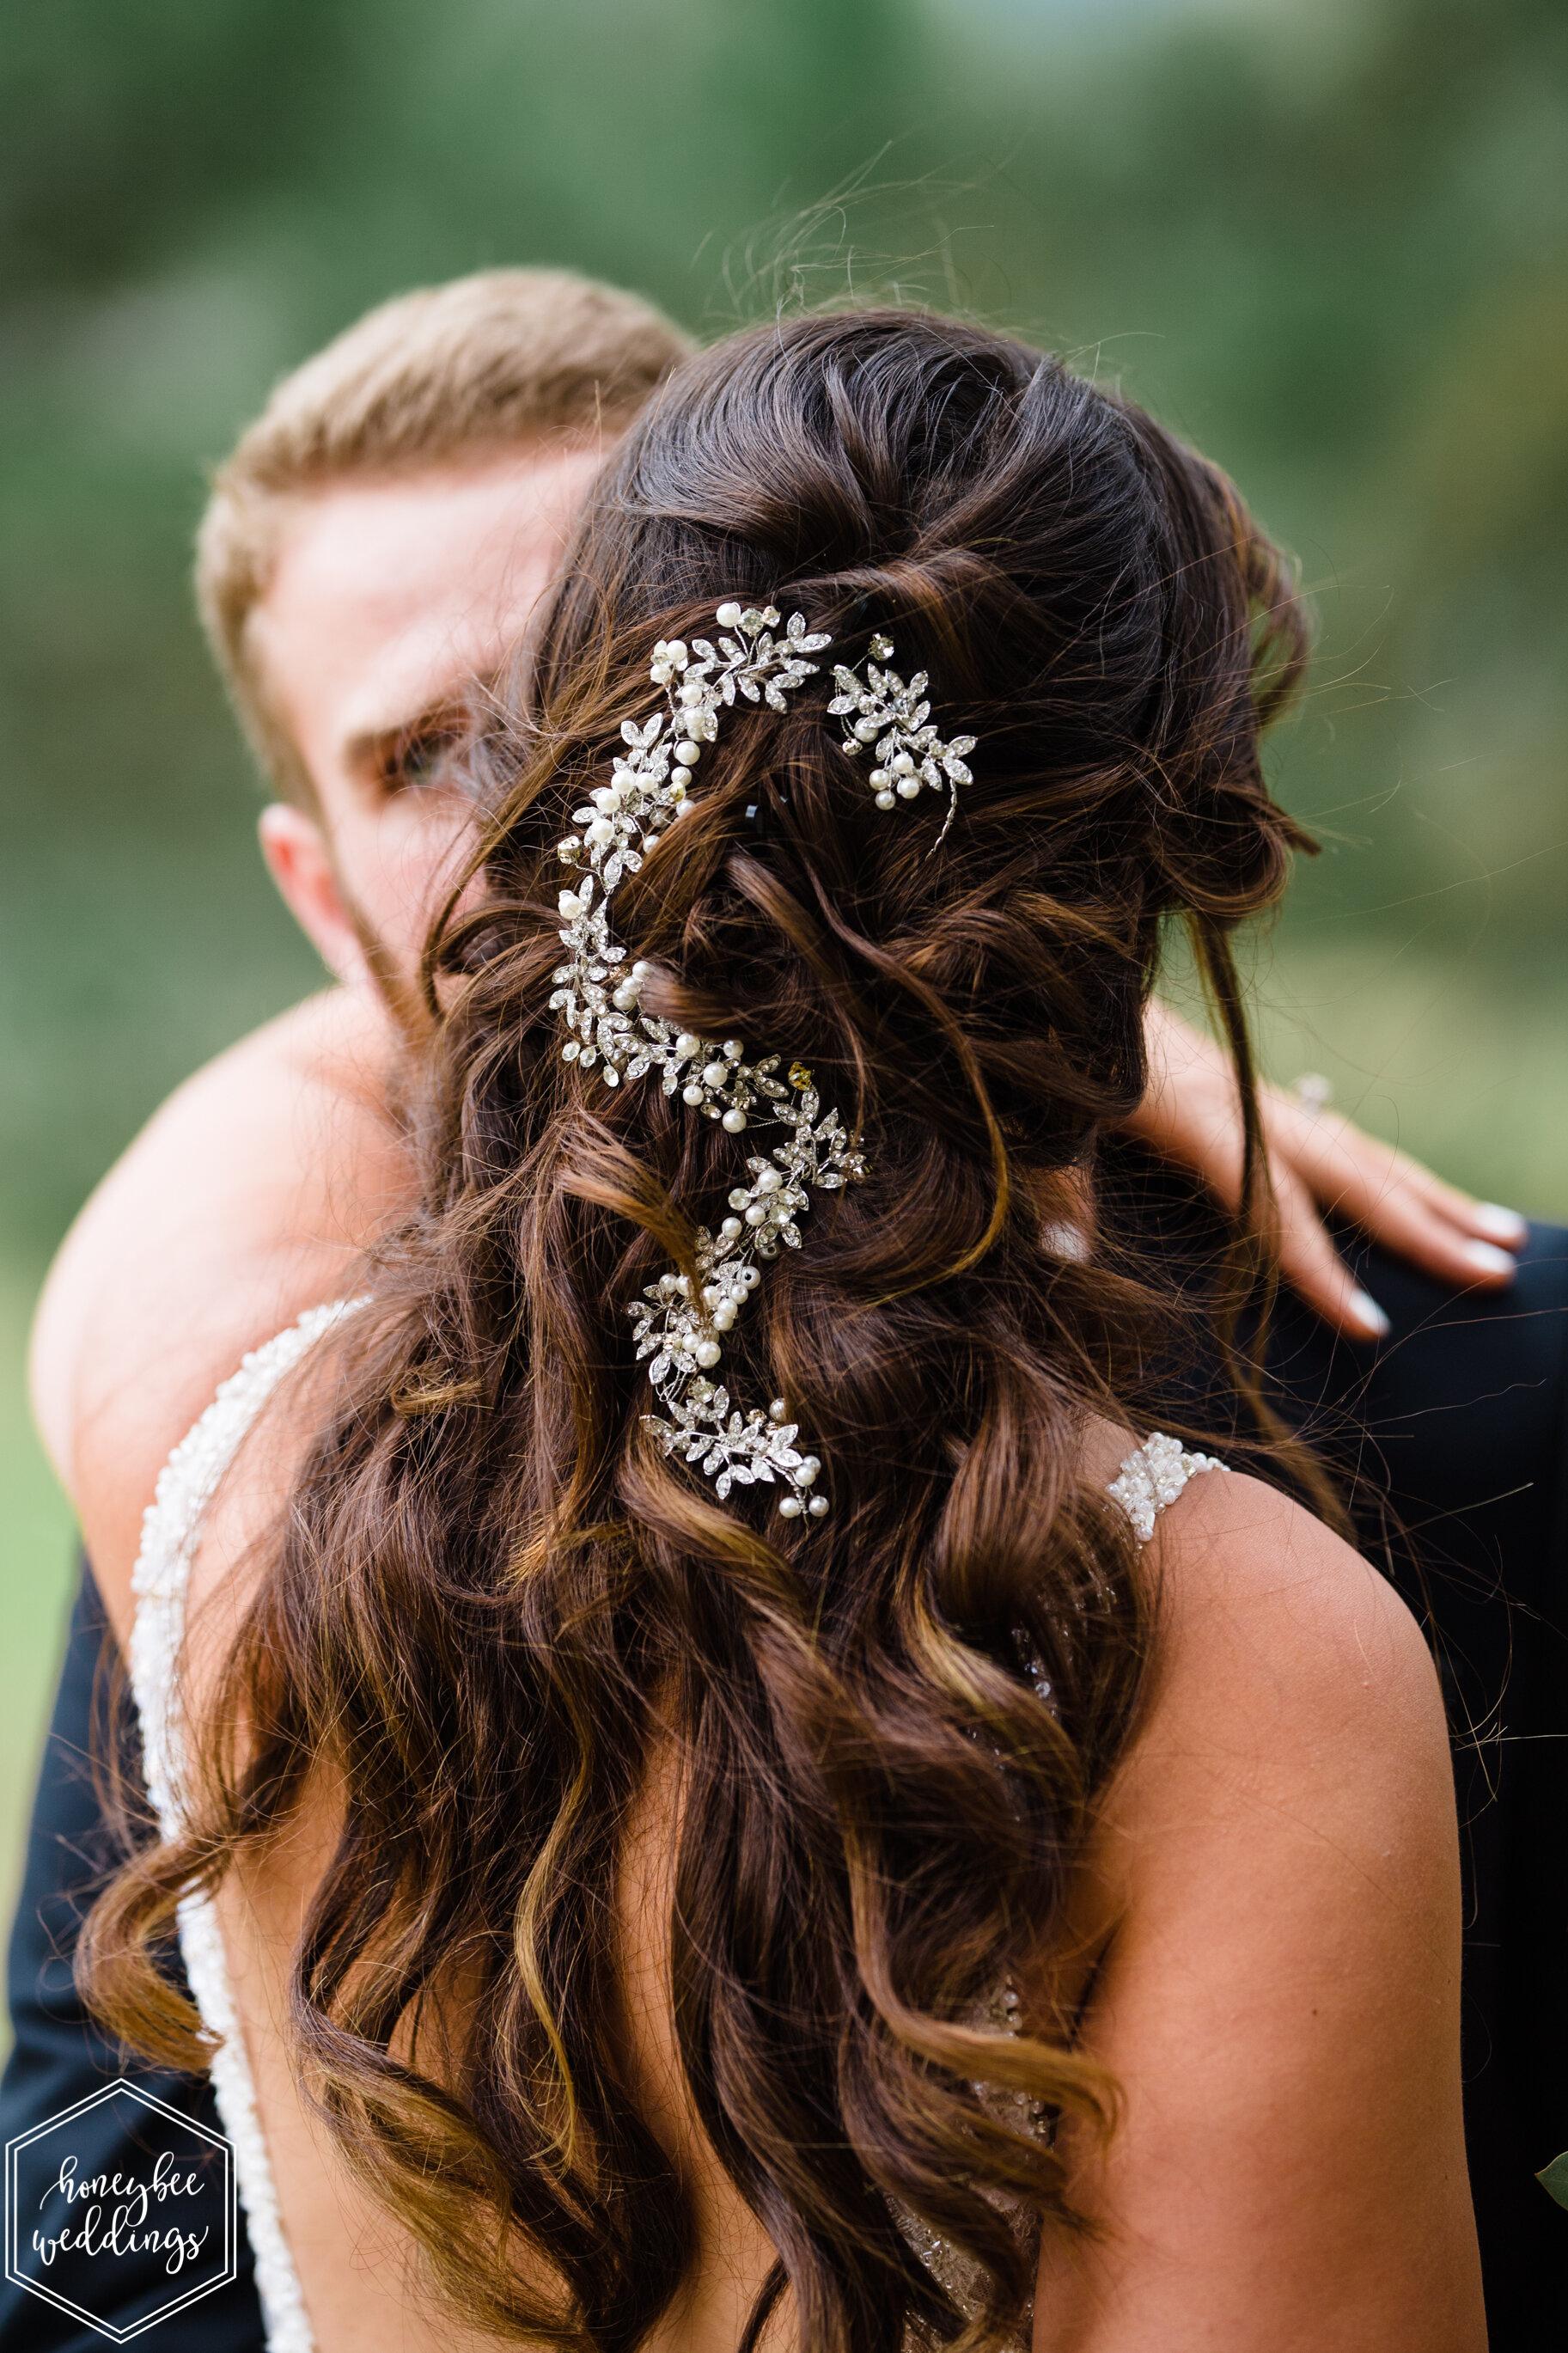 079White Raven Wedding_Montana Wedding Photographer_Corey & Corey_Honeybee Weddings_September 06, 2019-2321.jpg